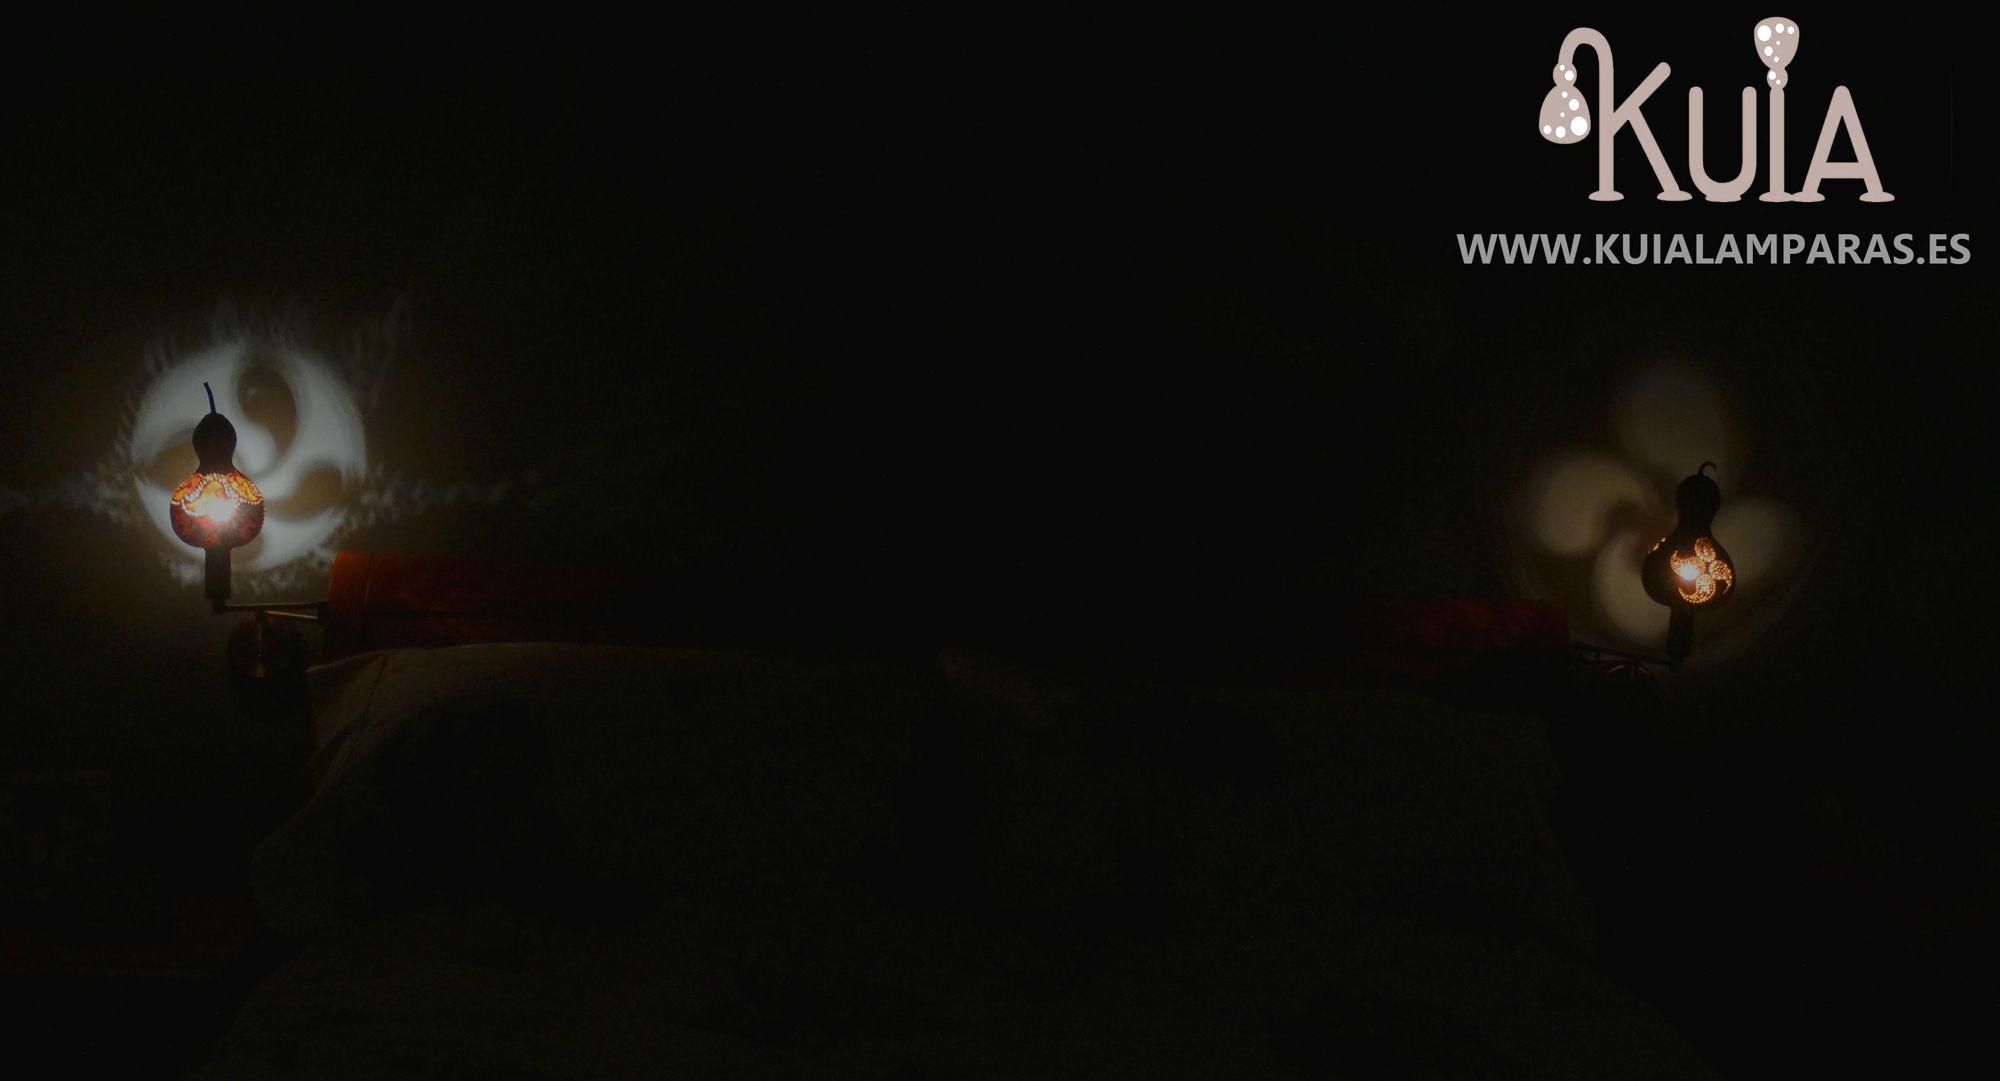 lamparas de pared de luz ambiental lauburu2